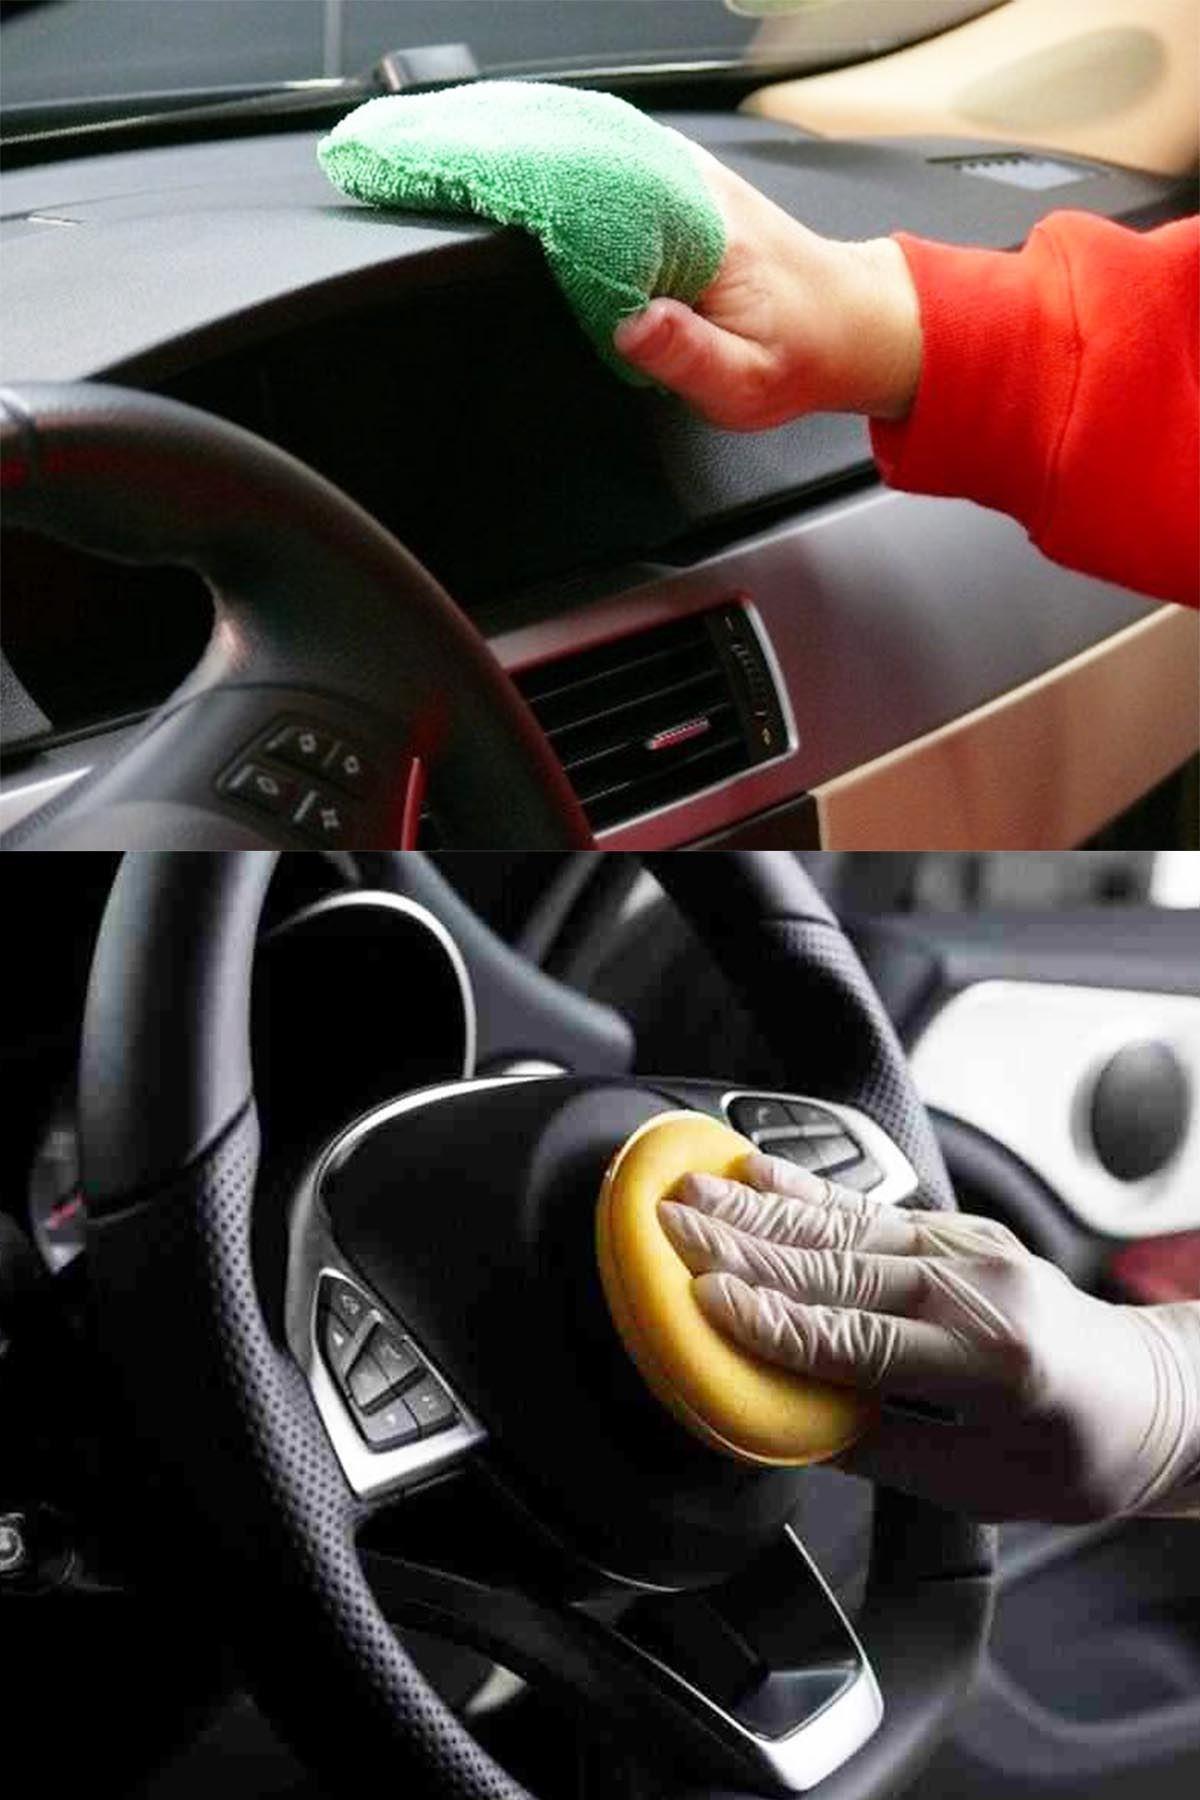 SMX Seramik Cila / Hızlı Cila / Pratik Cila / Susuz Motor Temizleme Spreyi / Torpido Parlatıcı /  Plastik Aksam Parlatıcı / ARAÇ BAKIM SETİ-1